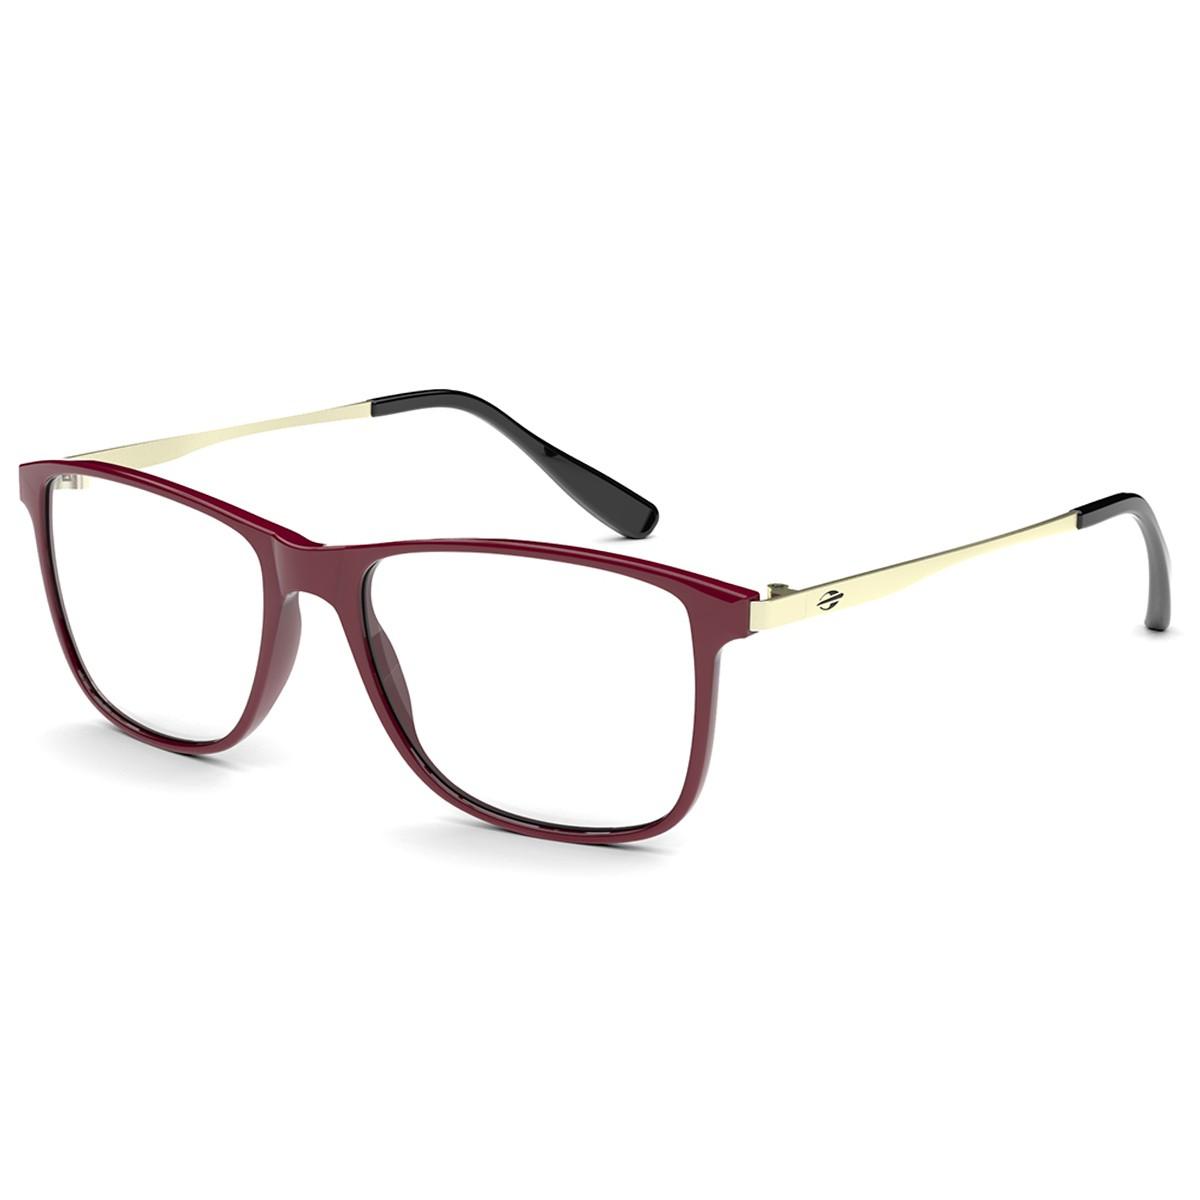 Óculos de Grau Mormaii Salem 2 Feminino M6084C2655 Tam.55